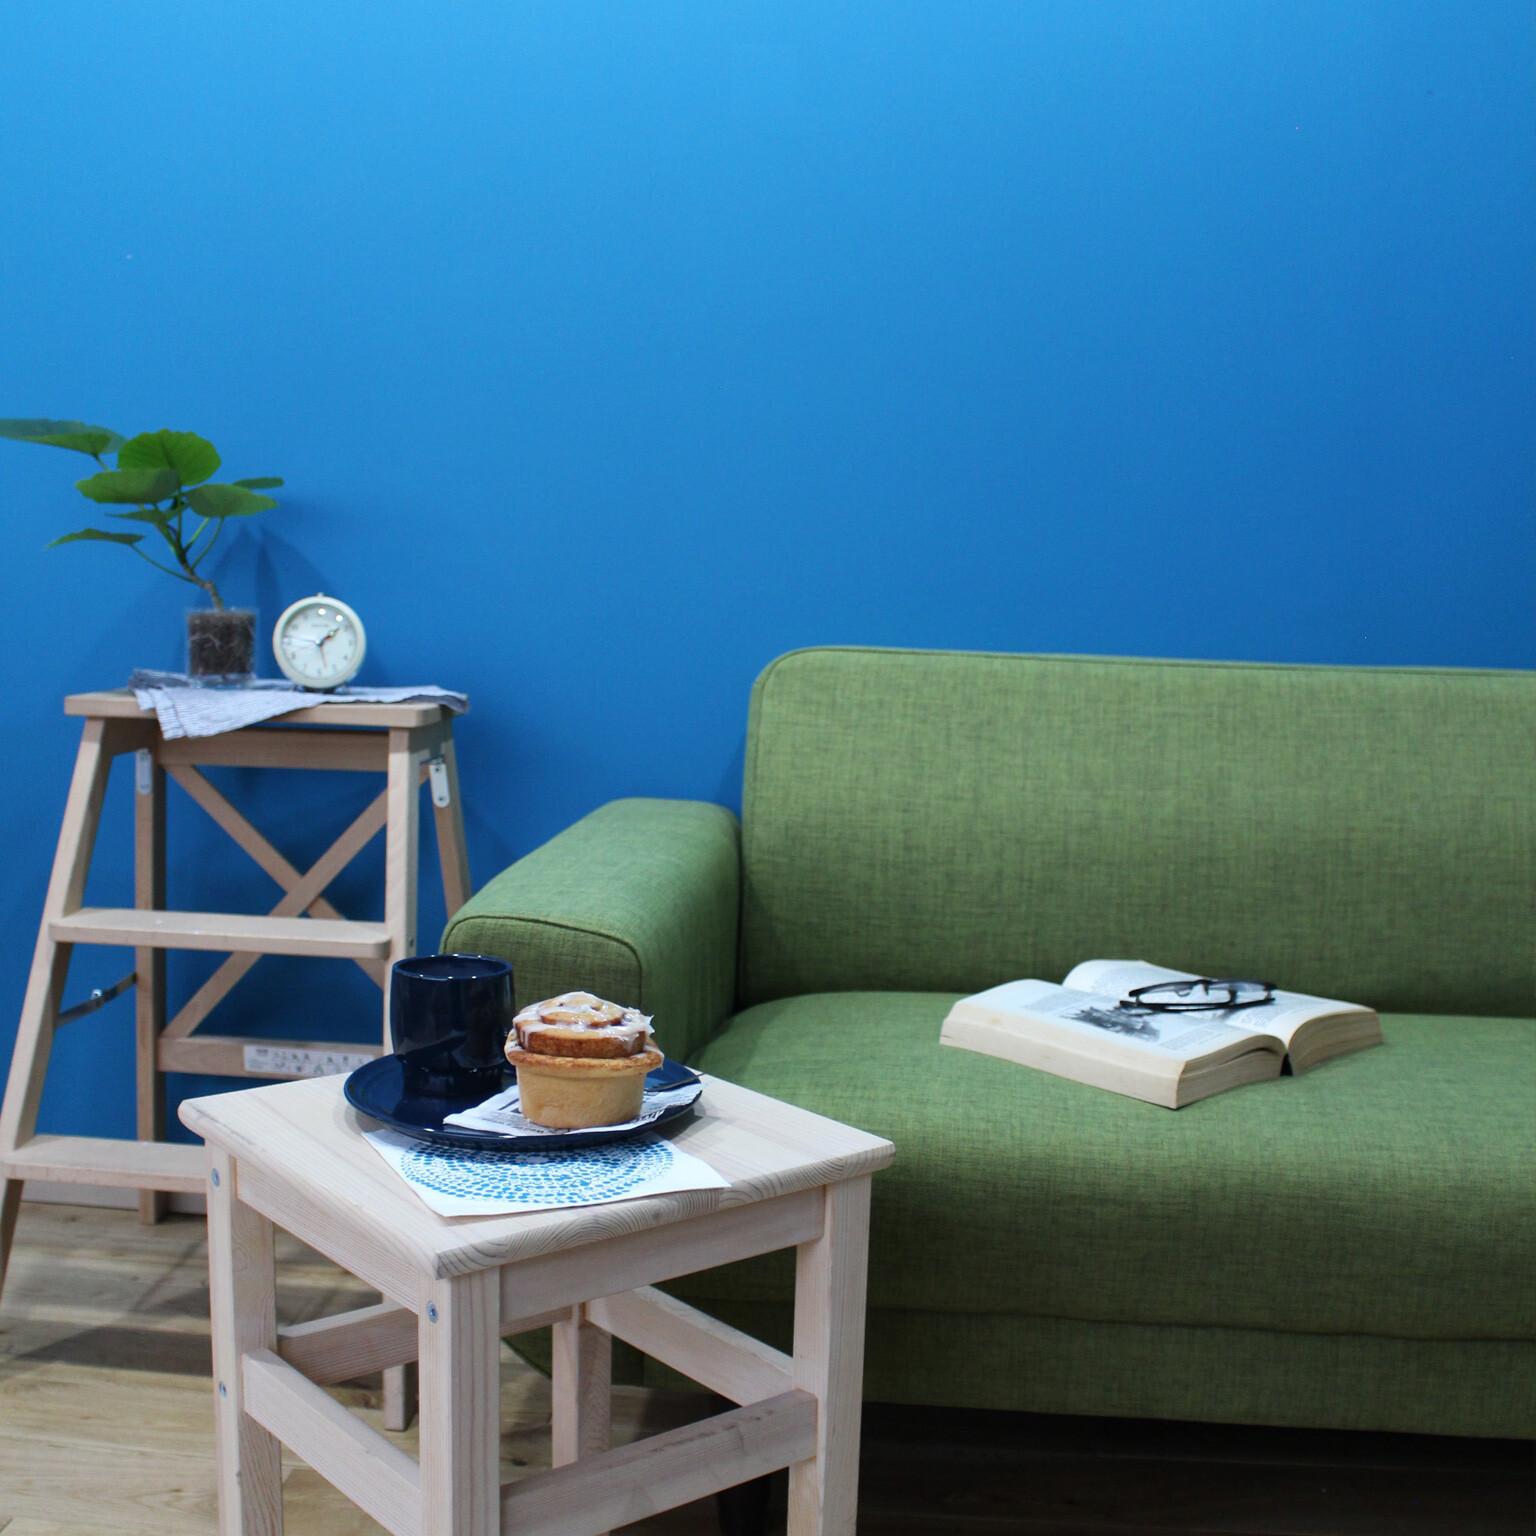 ホワイトインテリア/ステイン塗料/ステイン/ステイン塗装/IKEAの椅子ペイント...などのインテリア実例 - 2021-04-12 11:16:56